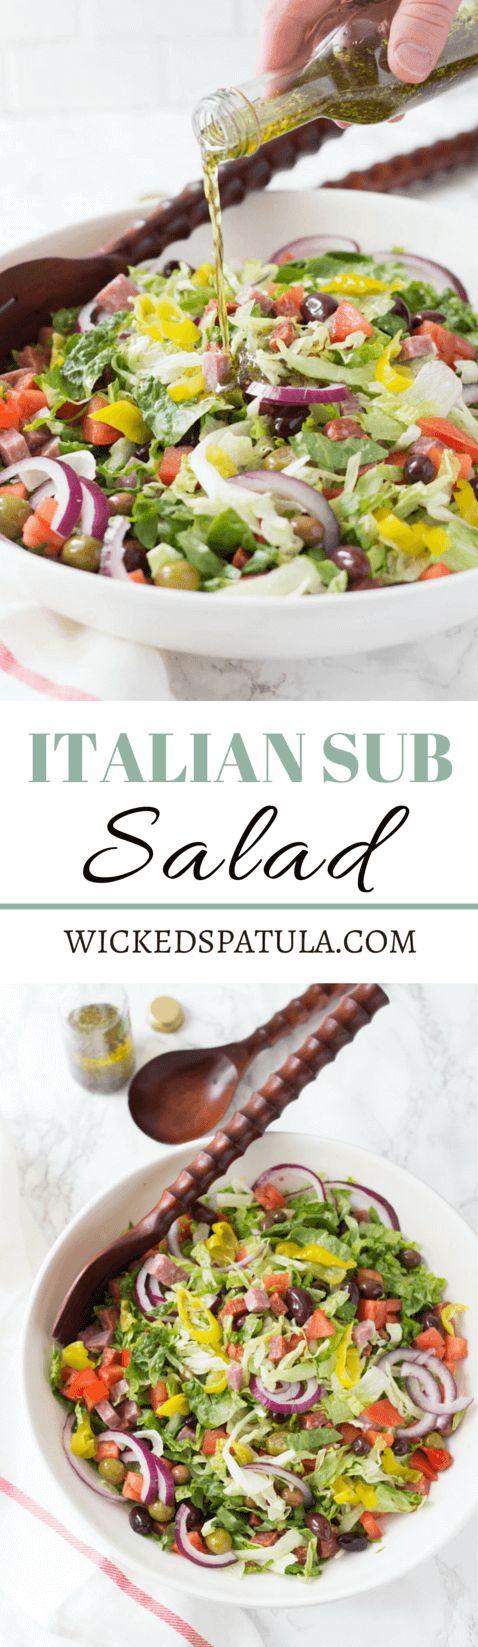 865e1de092d4f748cf807c12206f99f1 6 Summer Salad Recipes to Brighten BSB Diets